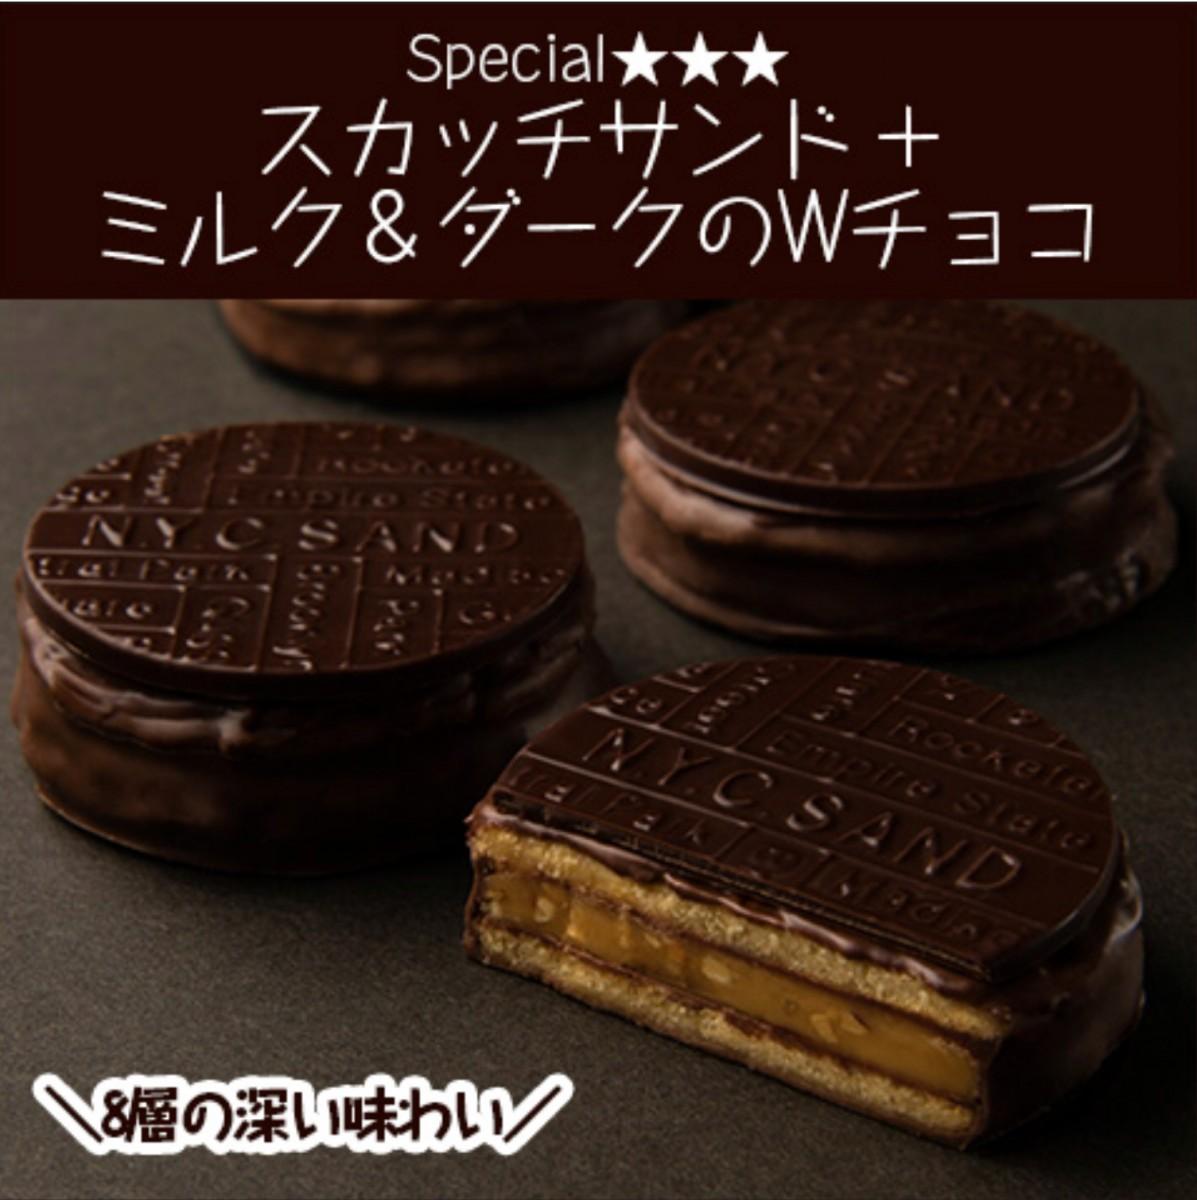 東京玉子本舗 N.Y.リッチスカッチサンド&Wチョコレート 4個入×1個の商品画像|2